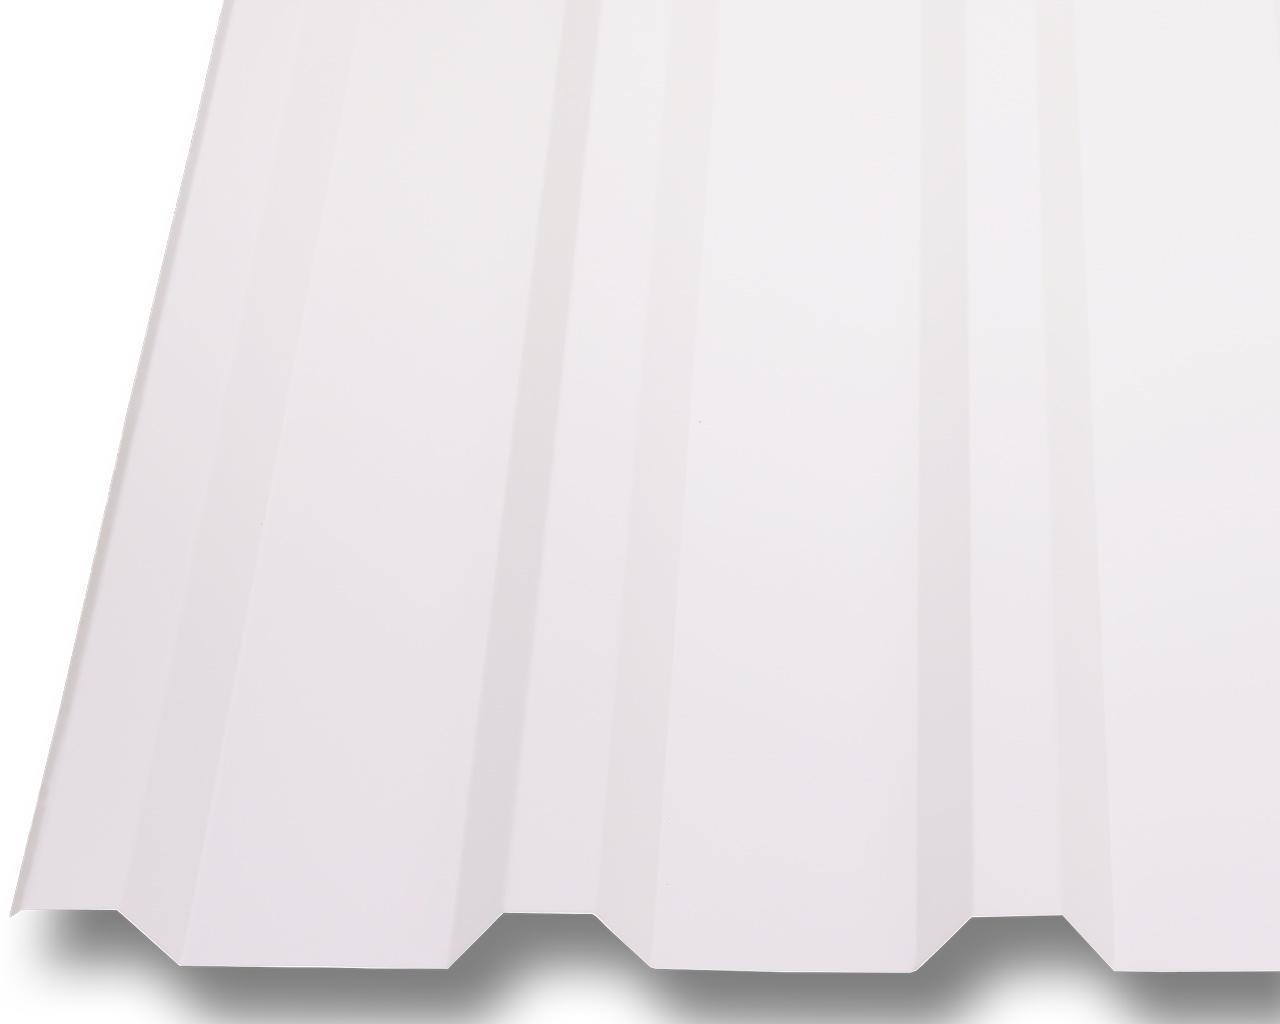 profilblech trapezblech dachplatten wellblech stahl neu 0 5mm dach 25 m wei ebay. Black Bedroom Furniture Sets. Home Design Ideas